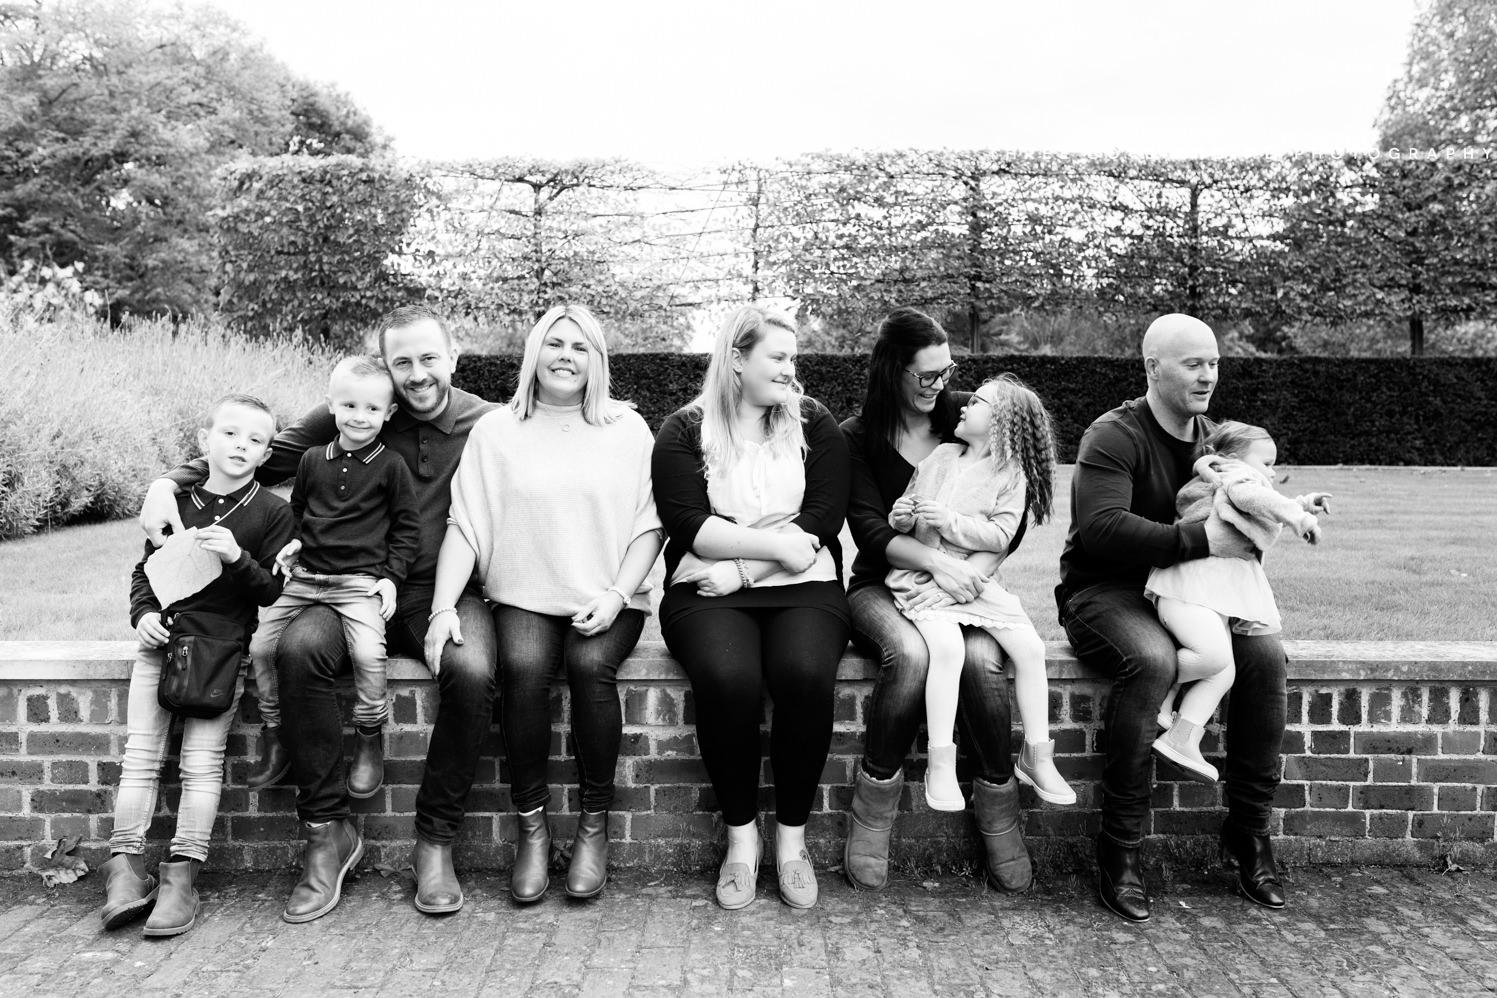 Bexley family photographer Nina Callow 3B&ME